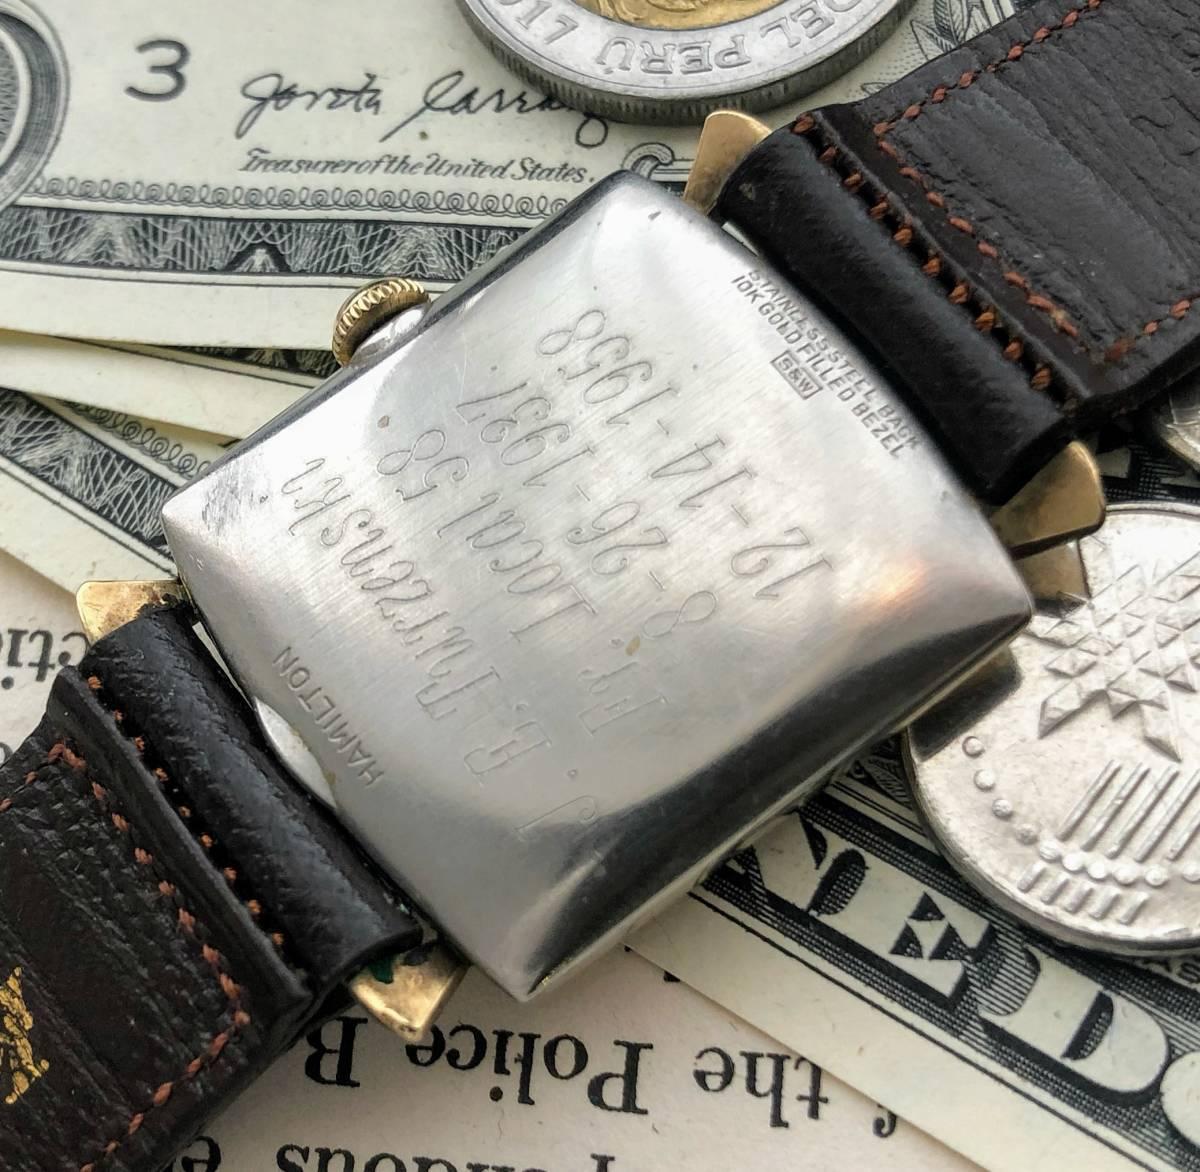 【1円スタート】/ハミルトン◎/HAMILTON/10KGF/金張り/ゴールド 手巻き/Cal.730/メンズ腕時計/60's USA/アンティーク/アメリカ/専用箱付_画像9